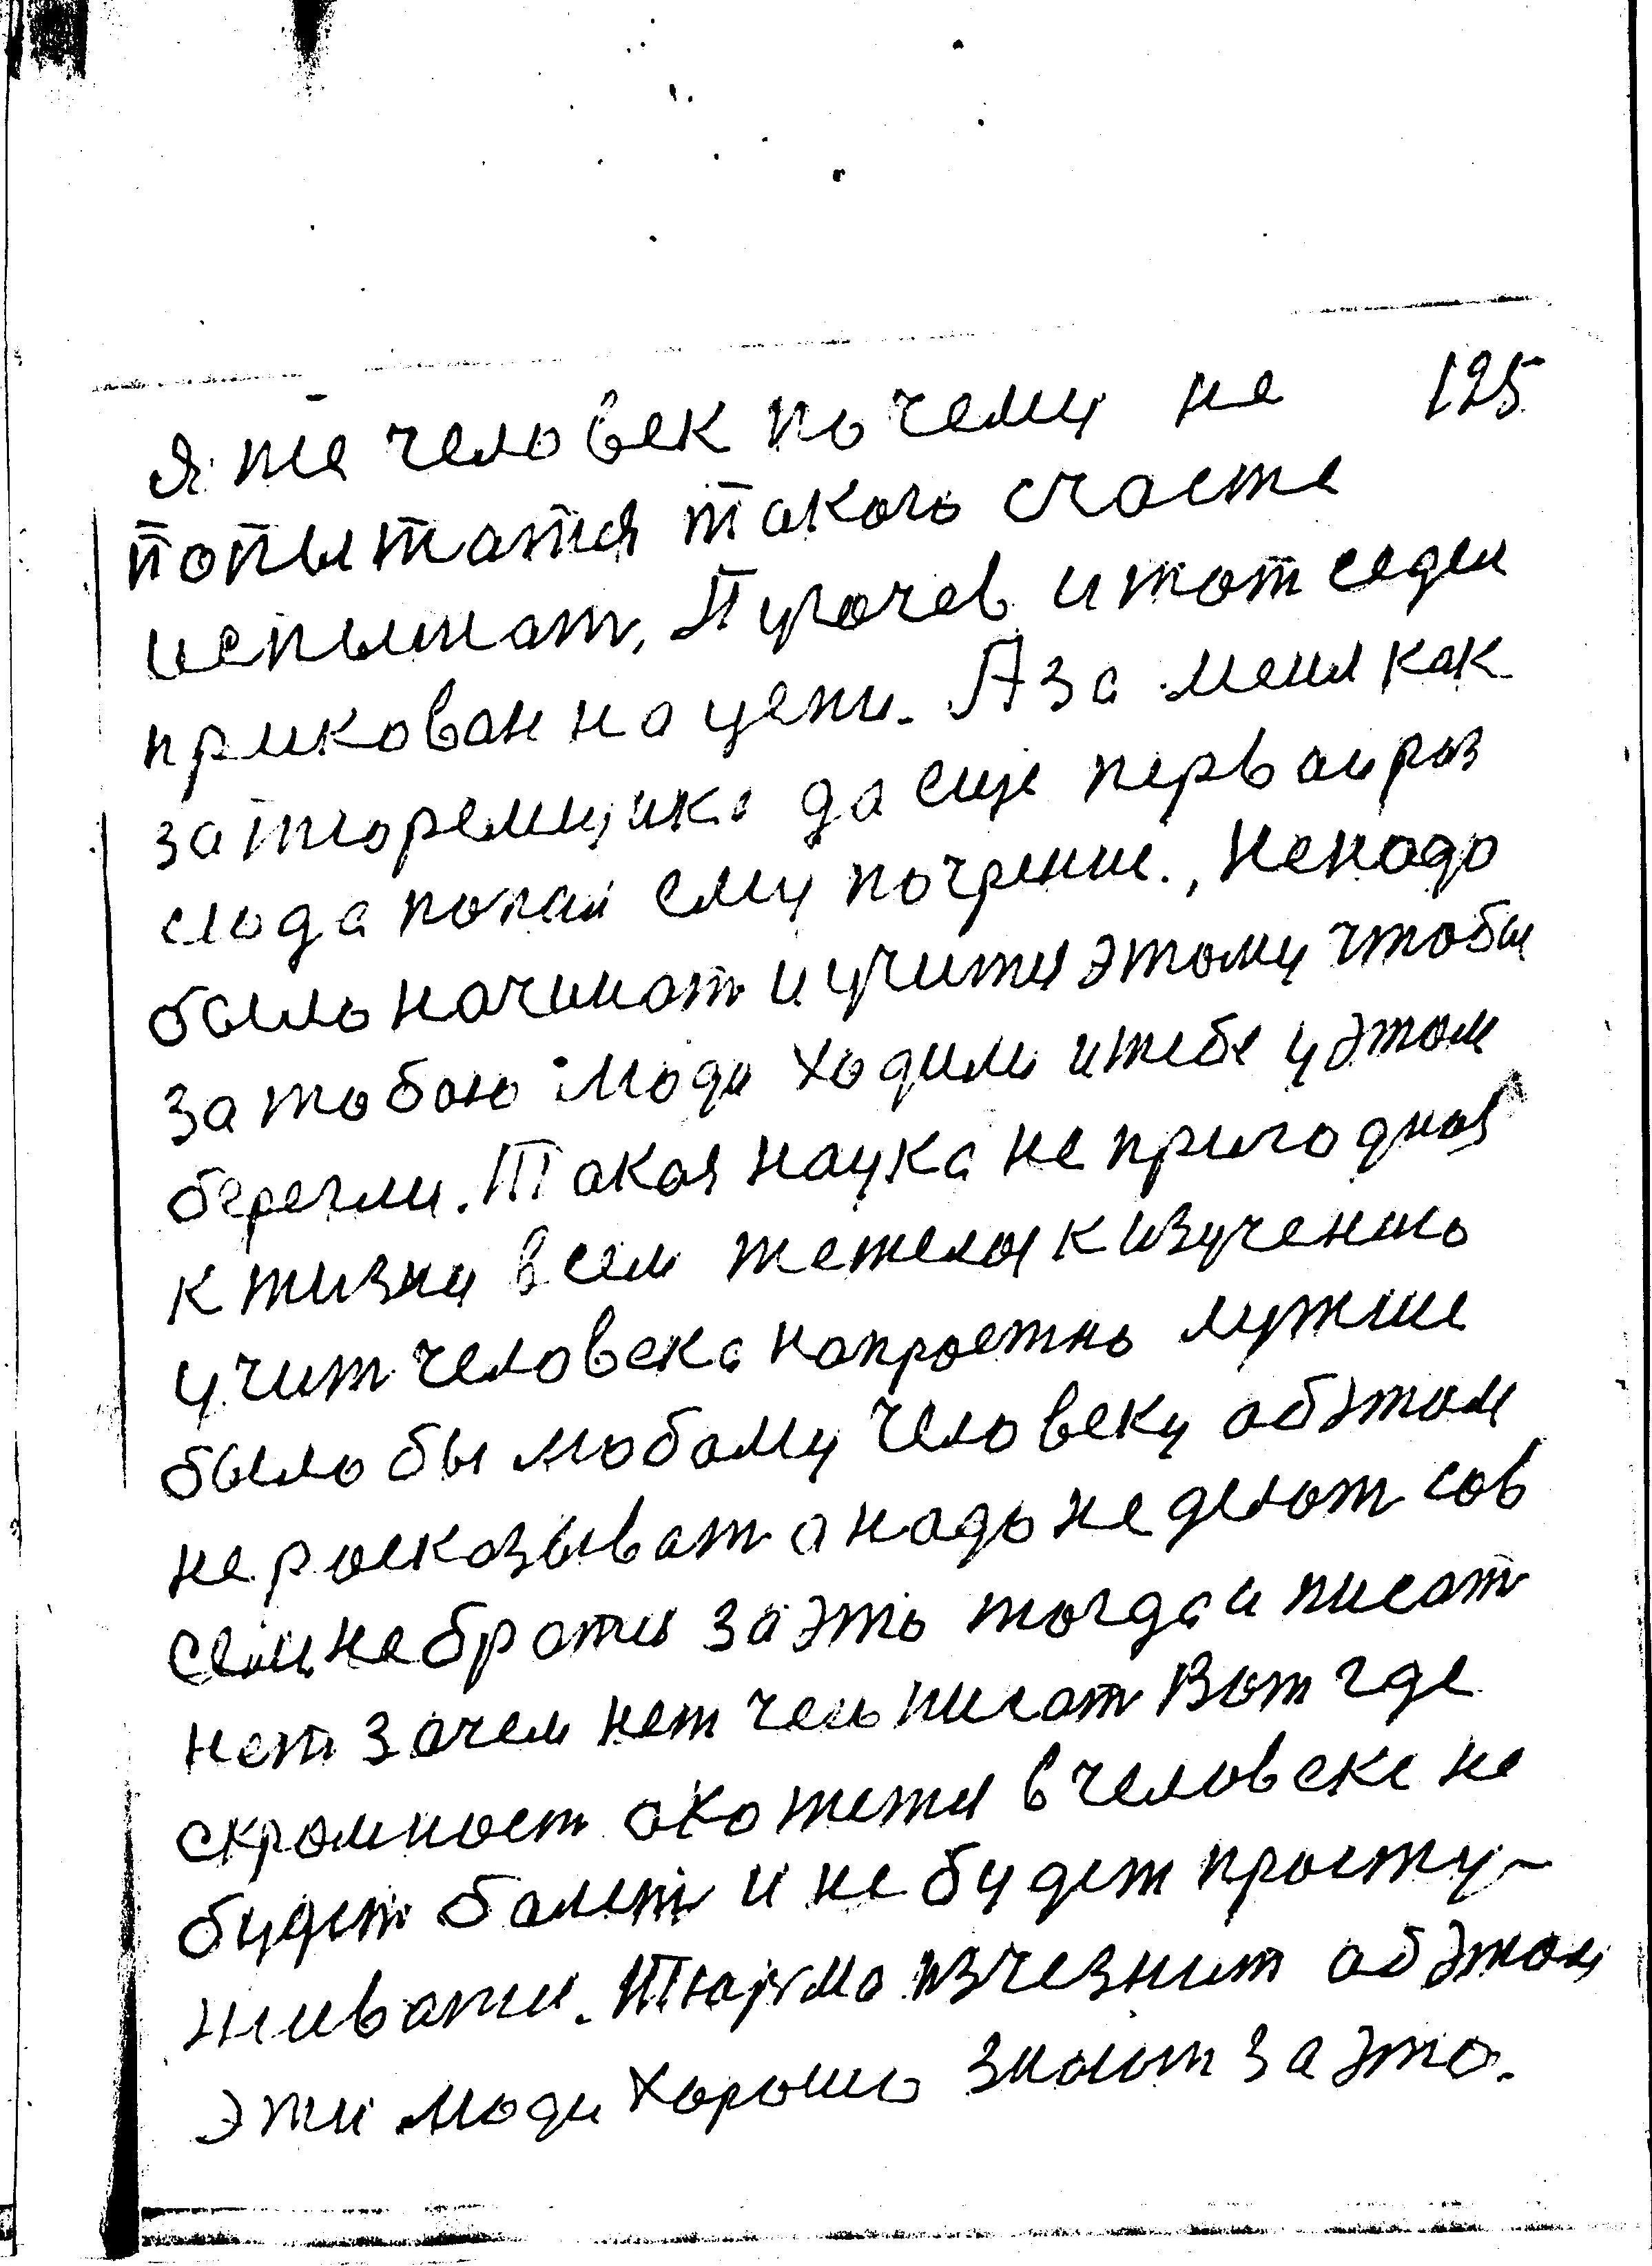 69-125.jpg